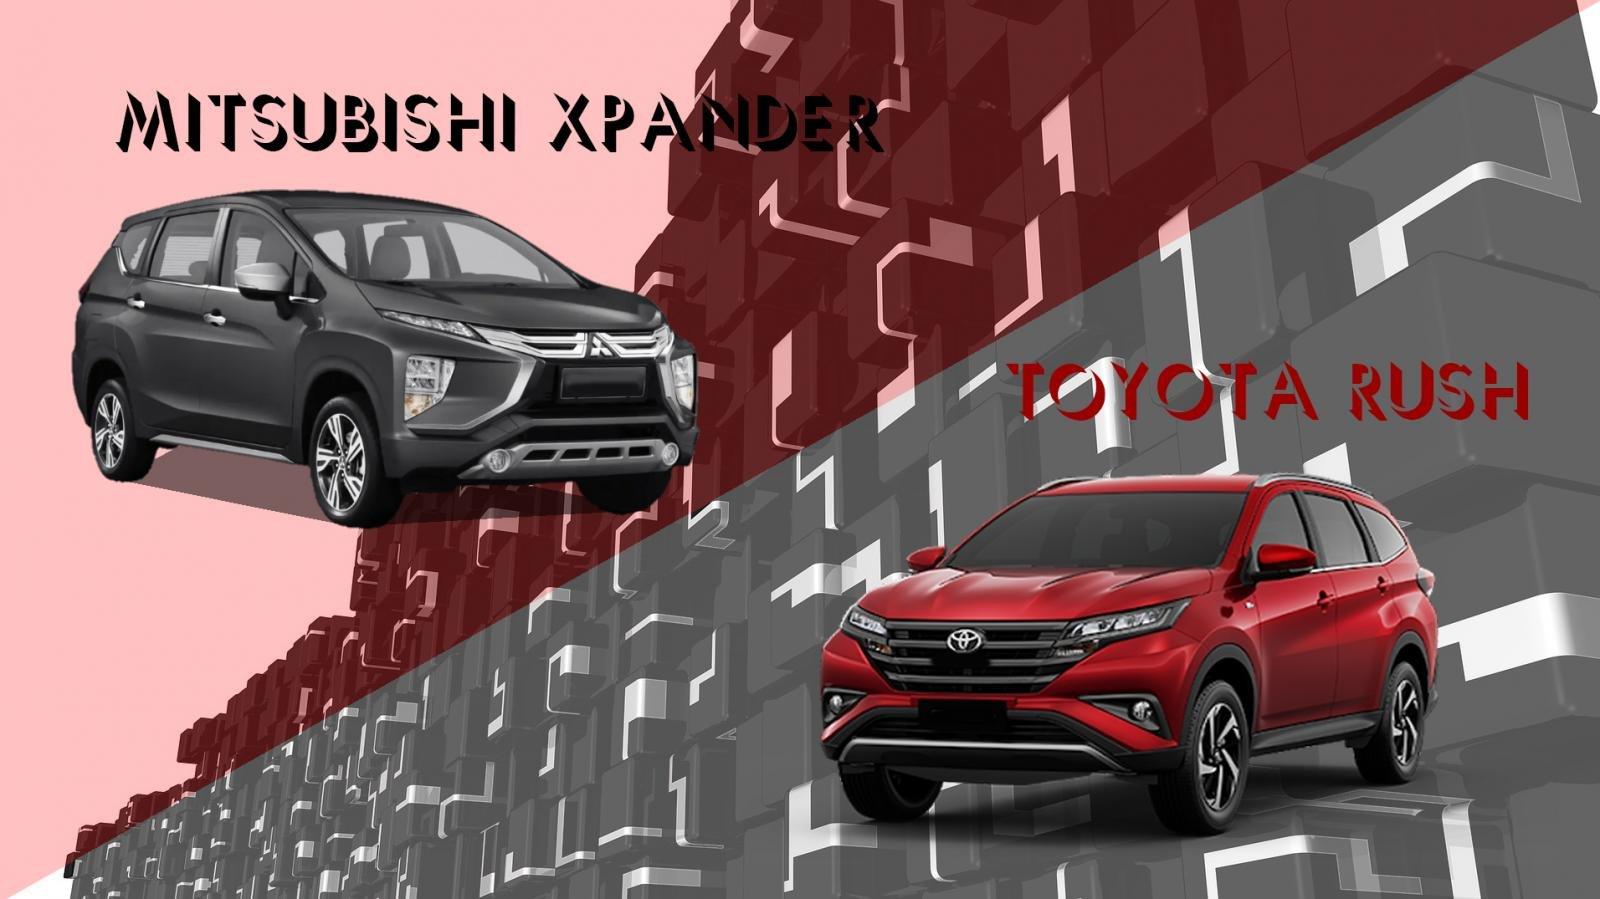 So sánh xe Mitsubishi Xpander 2020 và Toyota Rush 2020: Xpander tăng option, giá vẫn rẻ hơn Rush a1